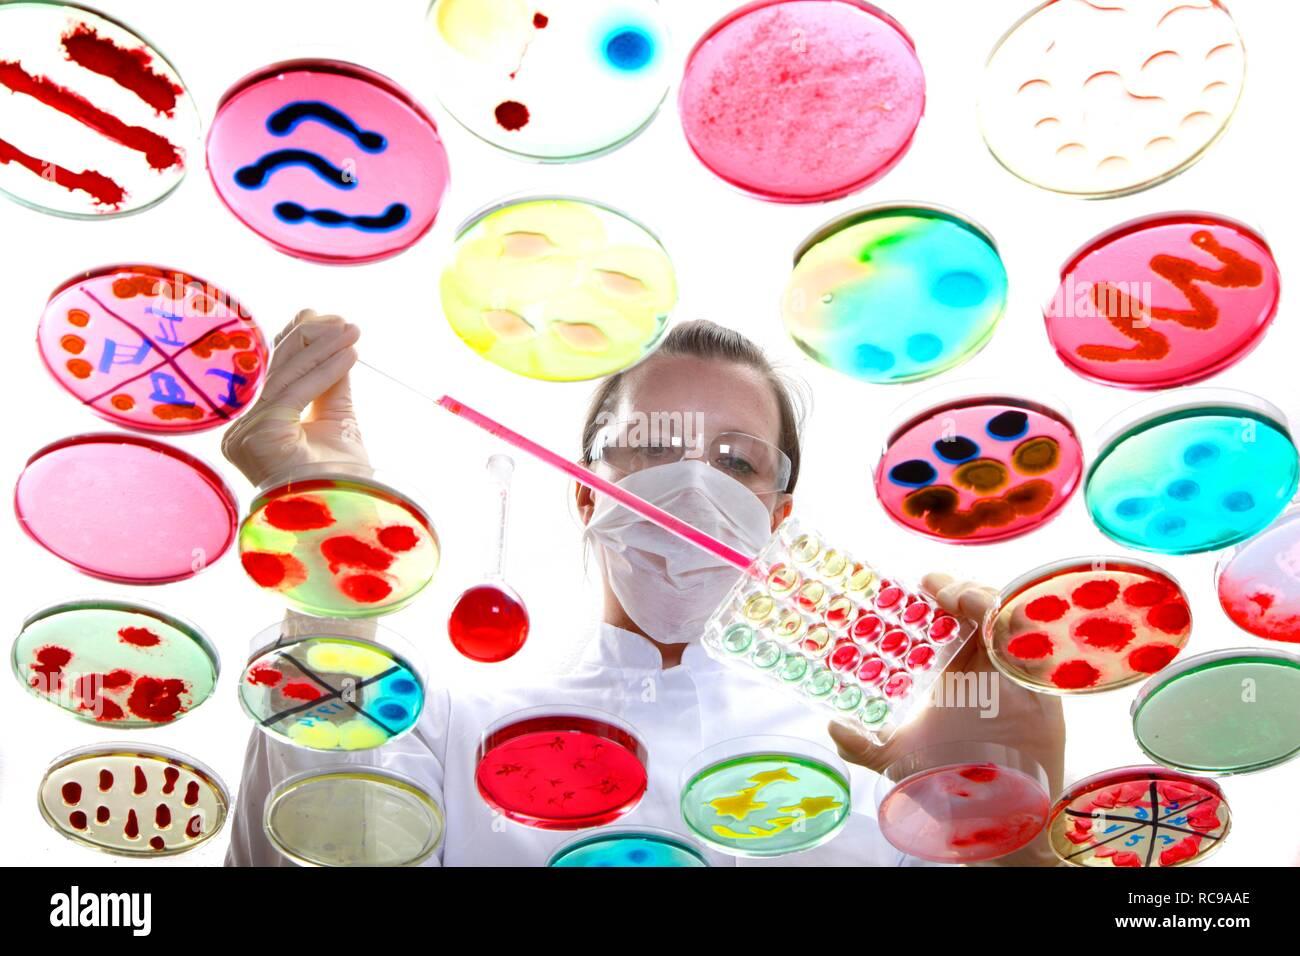 Analyse von bakteriellen Kulturen, Bakterien in der Petrischale wachsen Stockbild